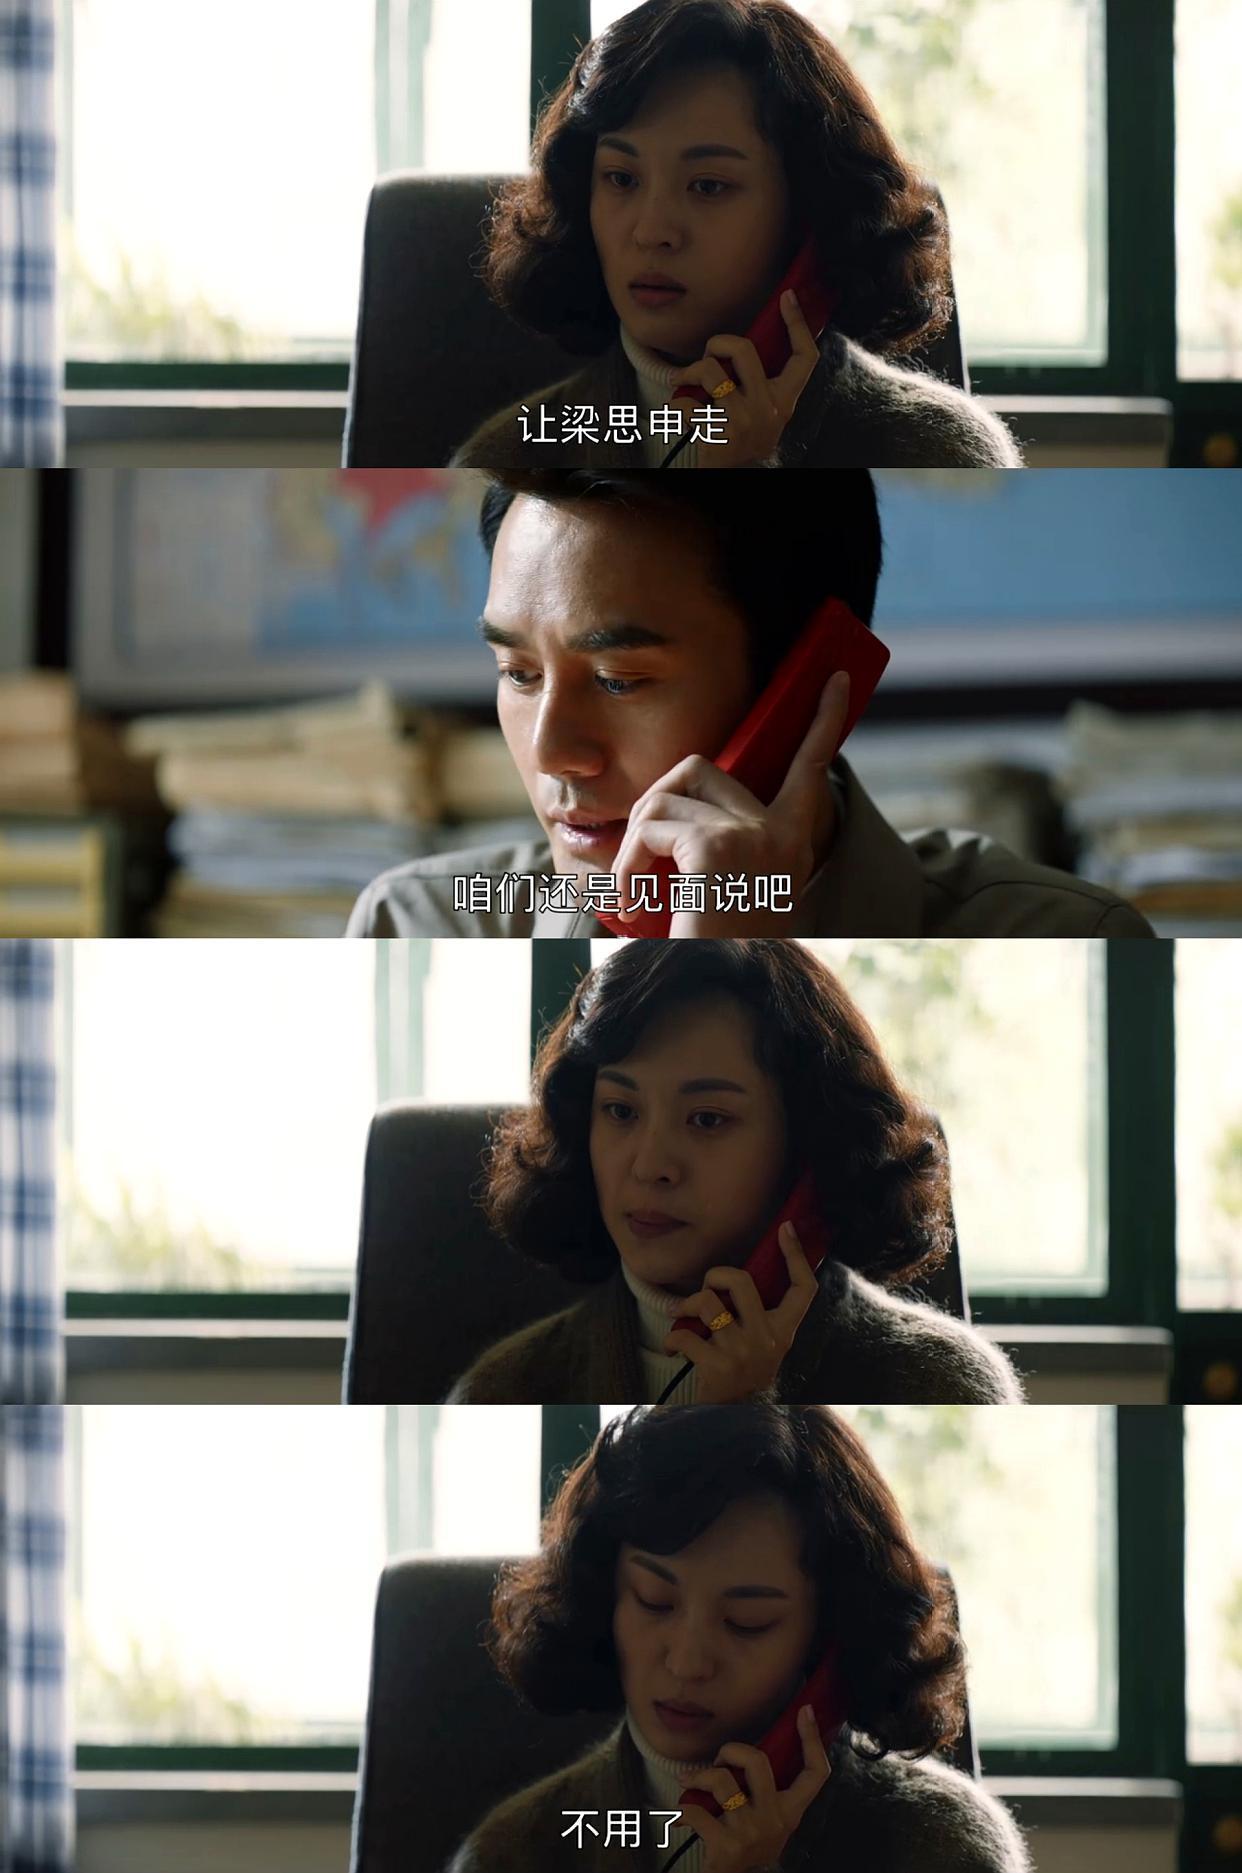 《大江大河2》大结局:两大细节证明,宋运辉与程开颜并没有离婚